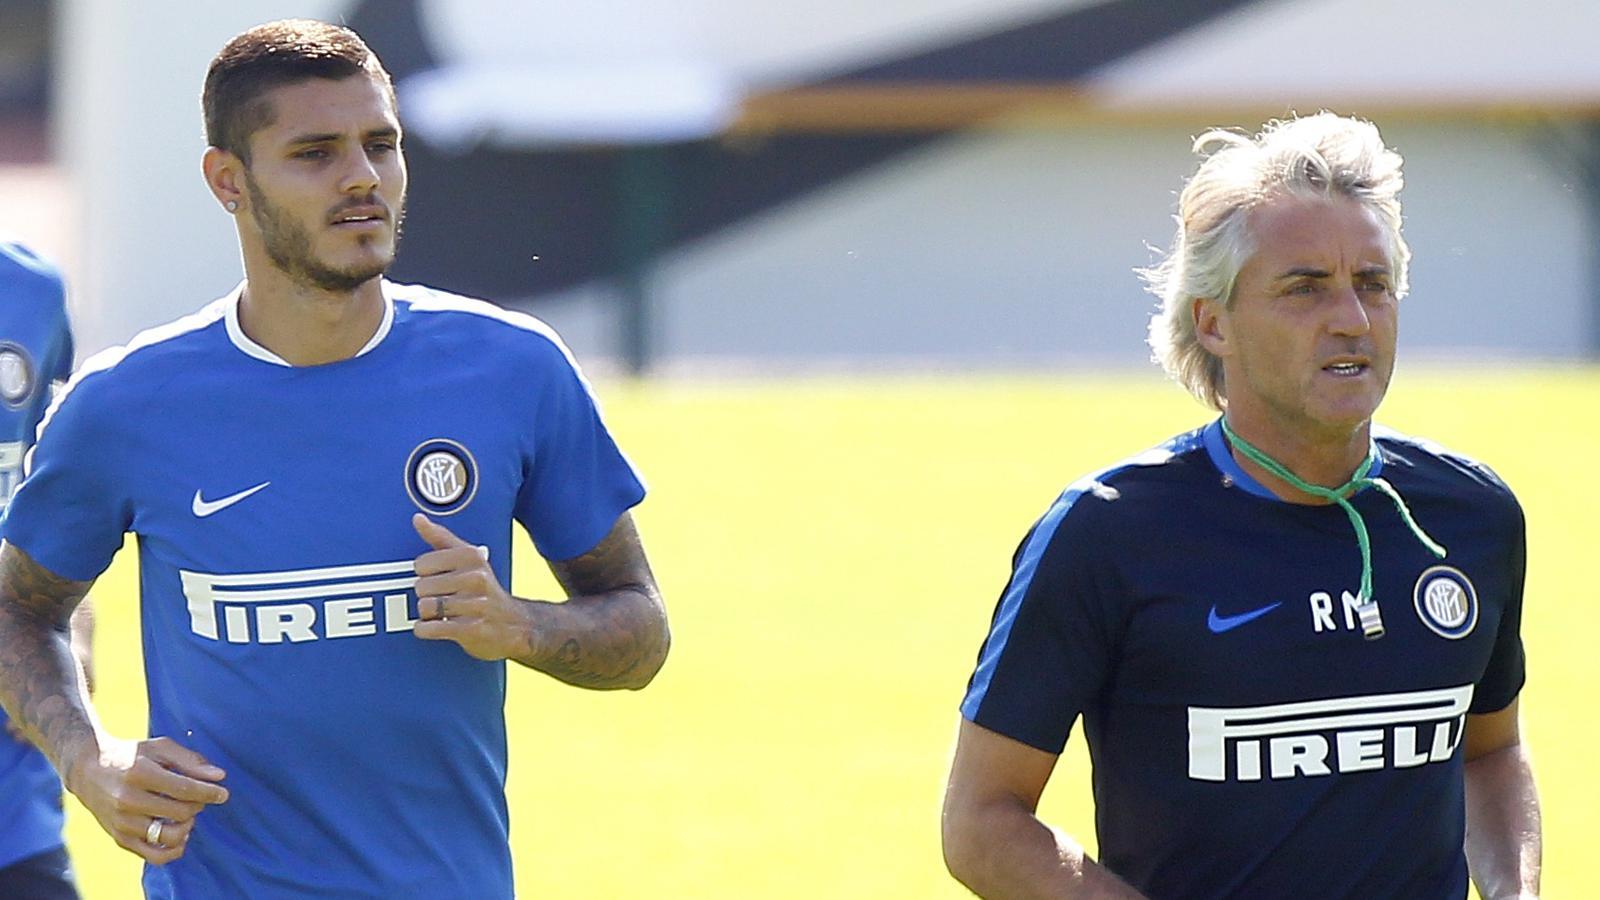 """Mancini fa l'evasivo su mercato e Icardi: """"Mauro si allena bene, il resto non mi riguarda"""""""